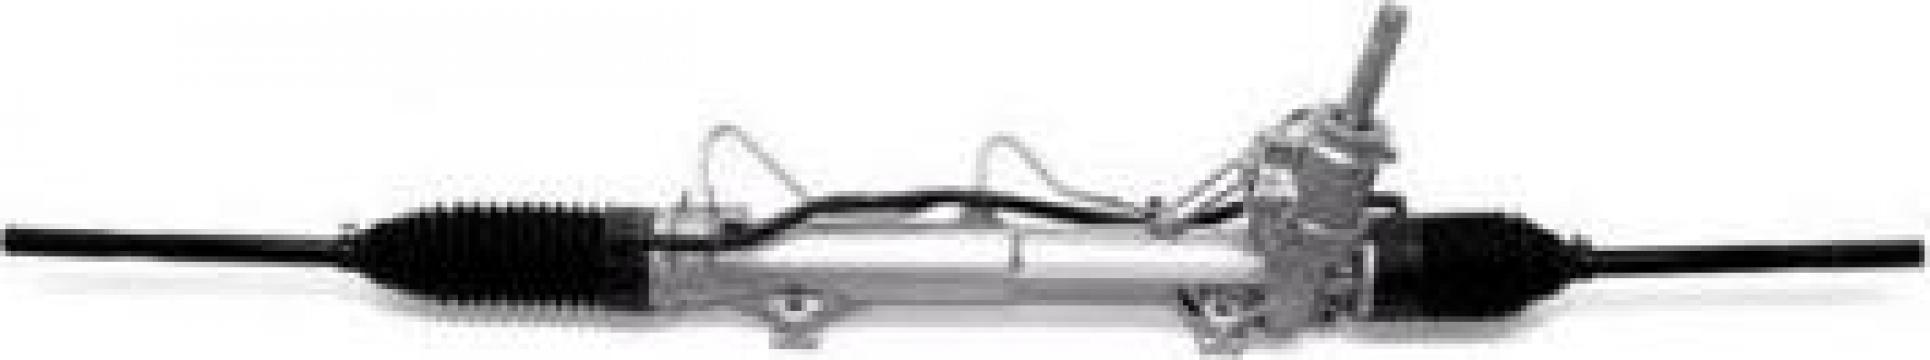 Caseta Directie (Servodirectie) Peugeot 206